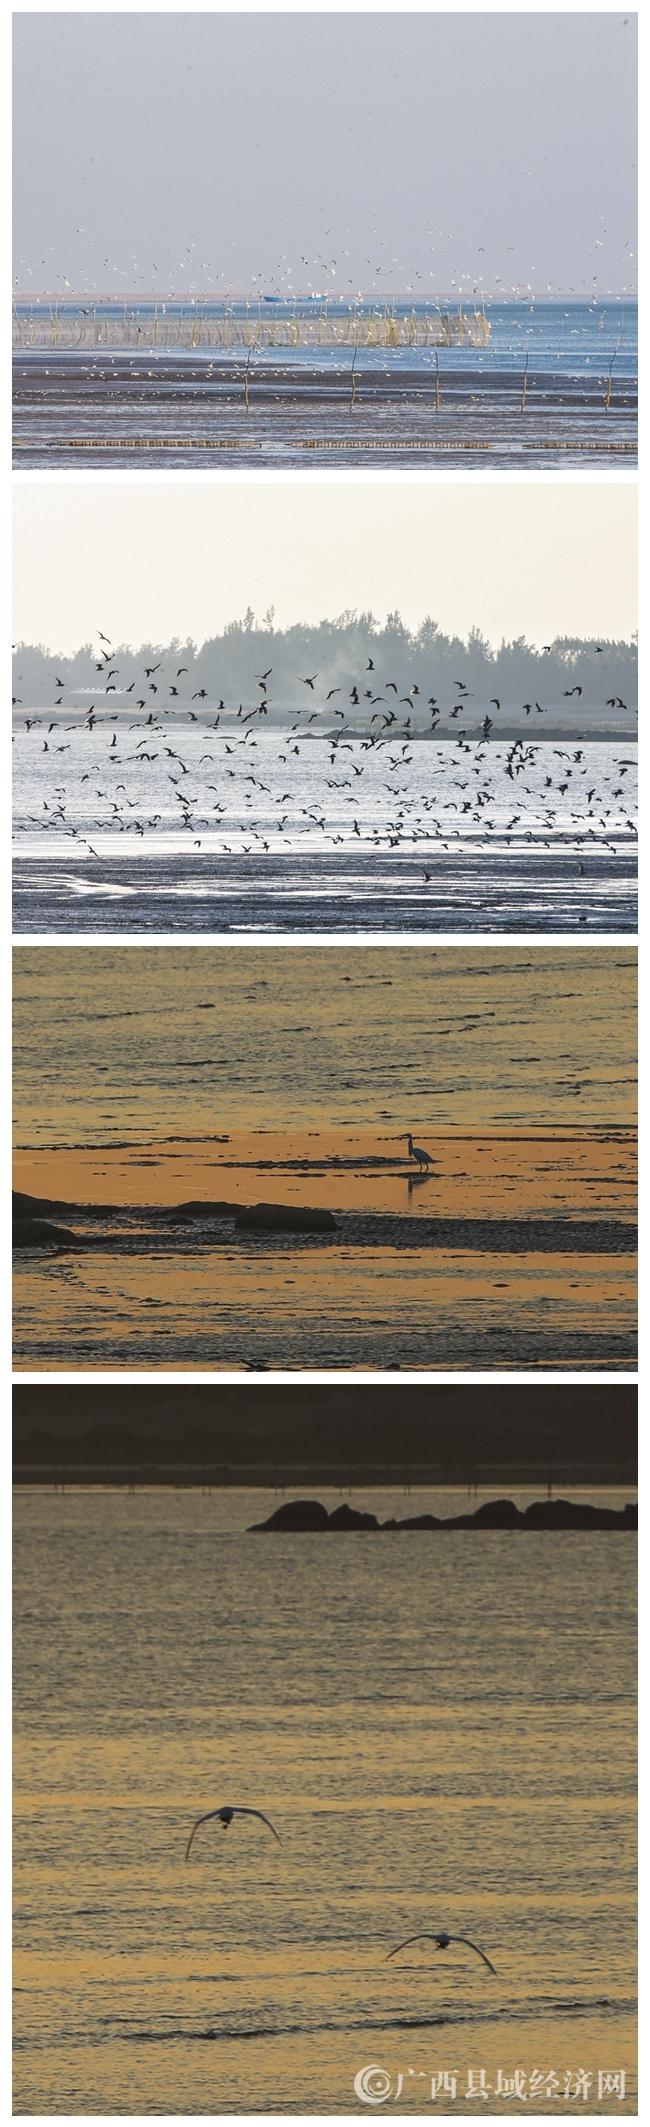 图9:12月18日,一只白鹭在广西钦州市三娘湾海面上捕食。(刘峥 摄).JPG.jpg